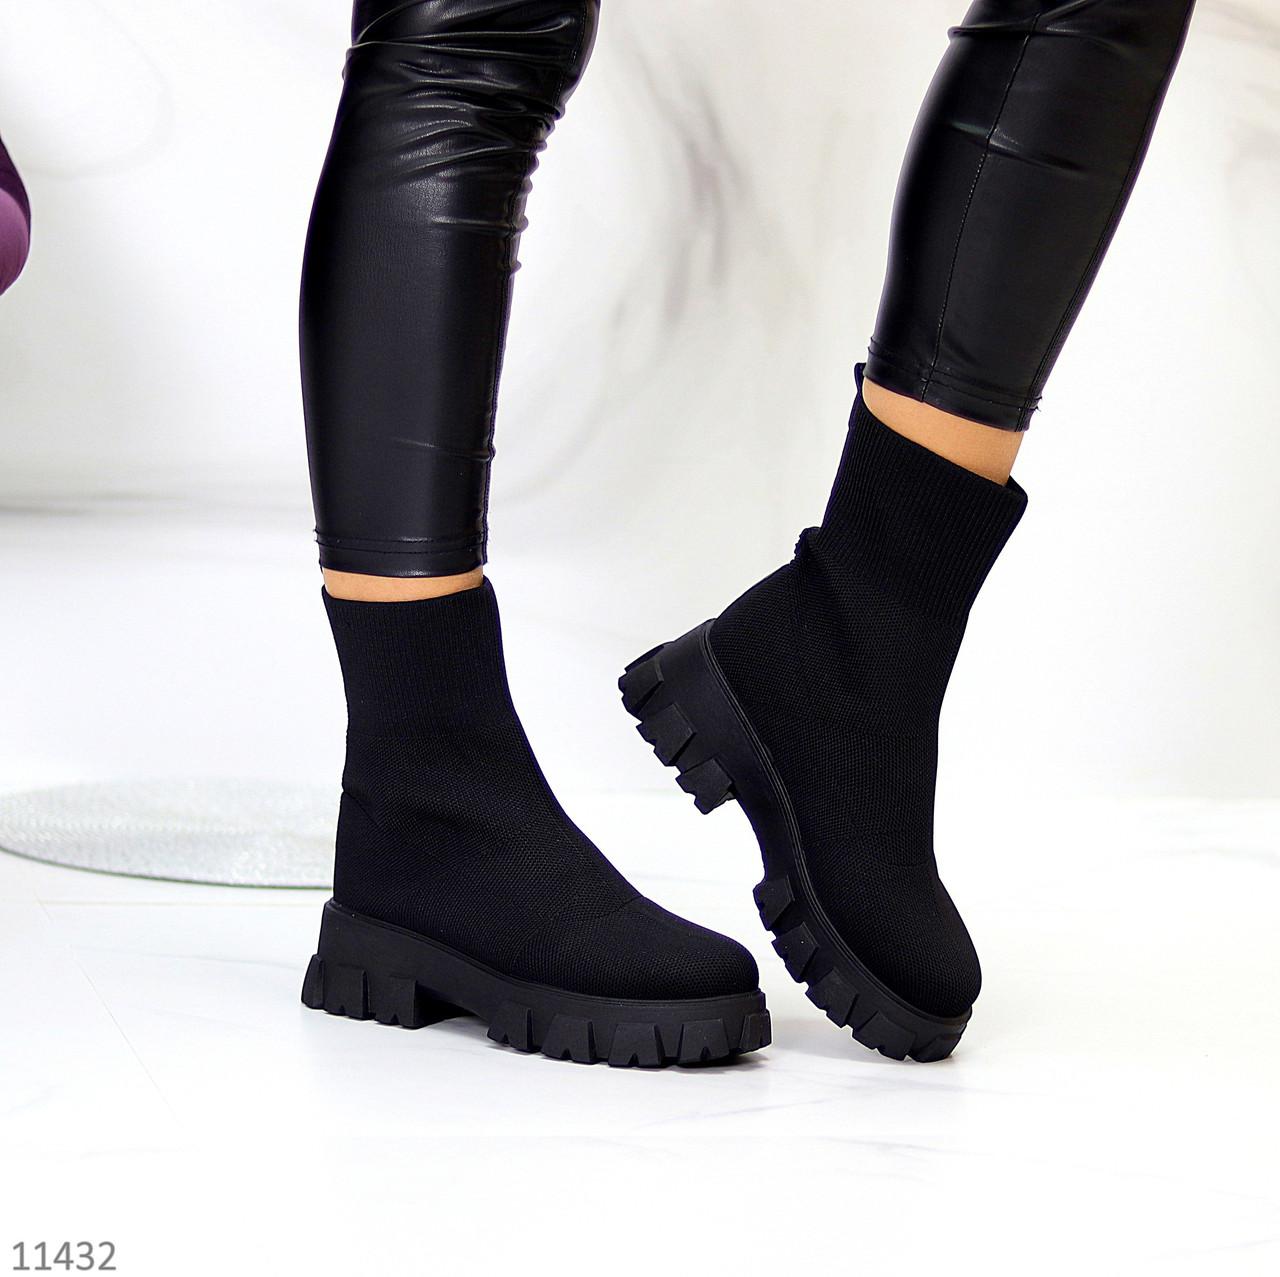 Ультра модні еластичні текстильні високі жіночі черевики на товстій підошві 39-25см